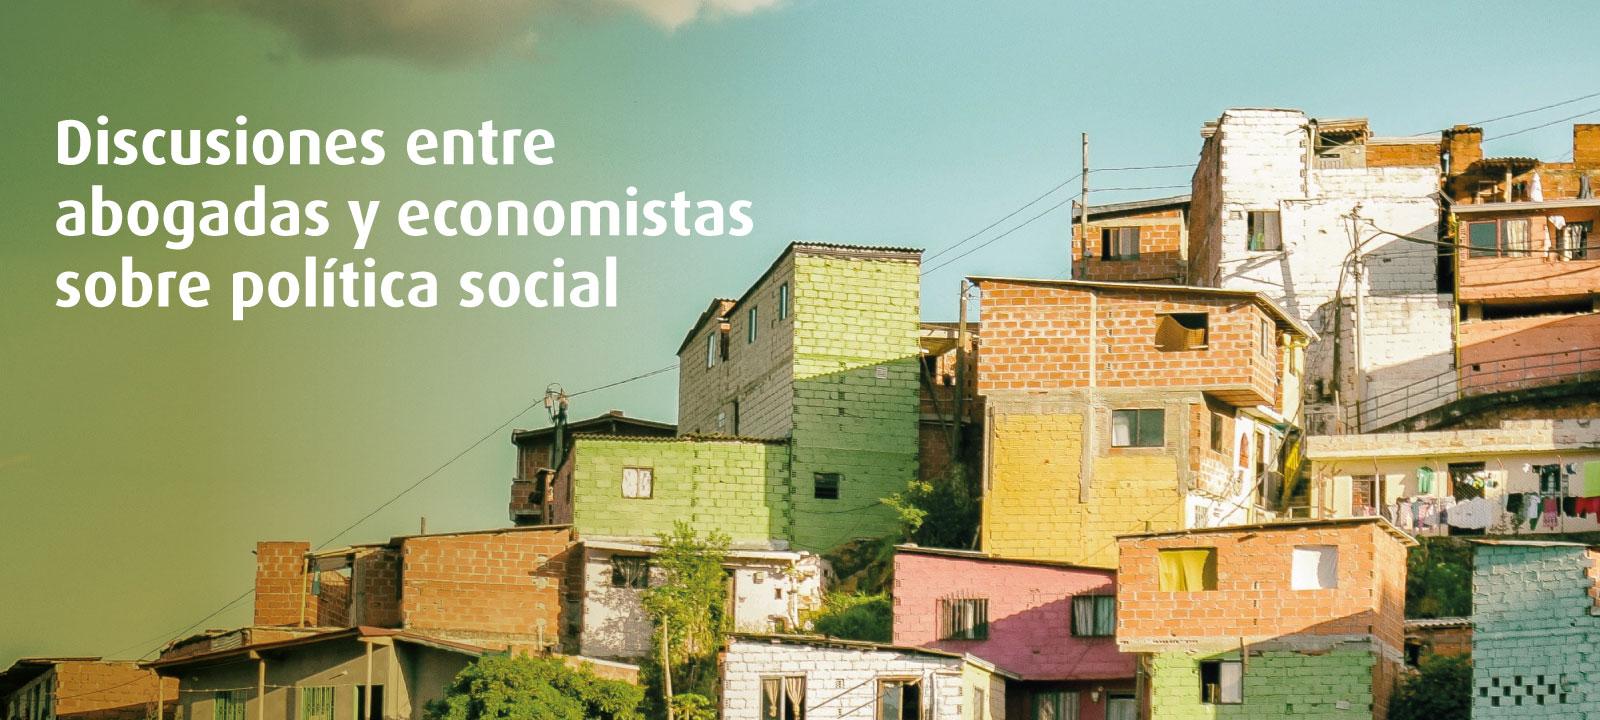 Conversatorio   ¿Derecho a no ser pobre? - Panorámica de casas